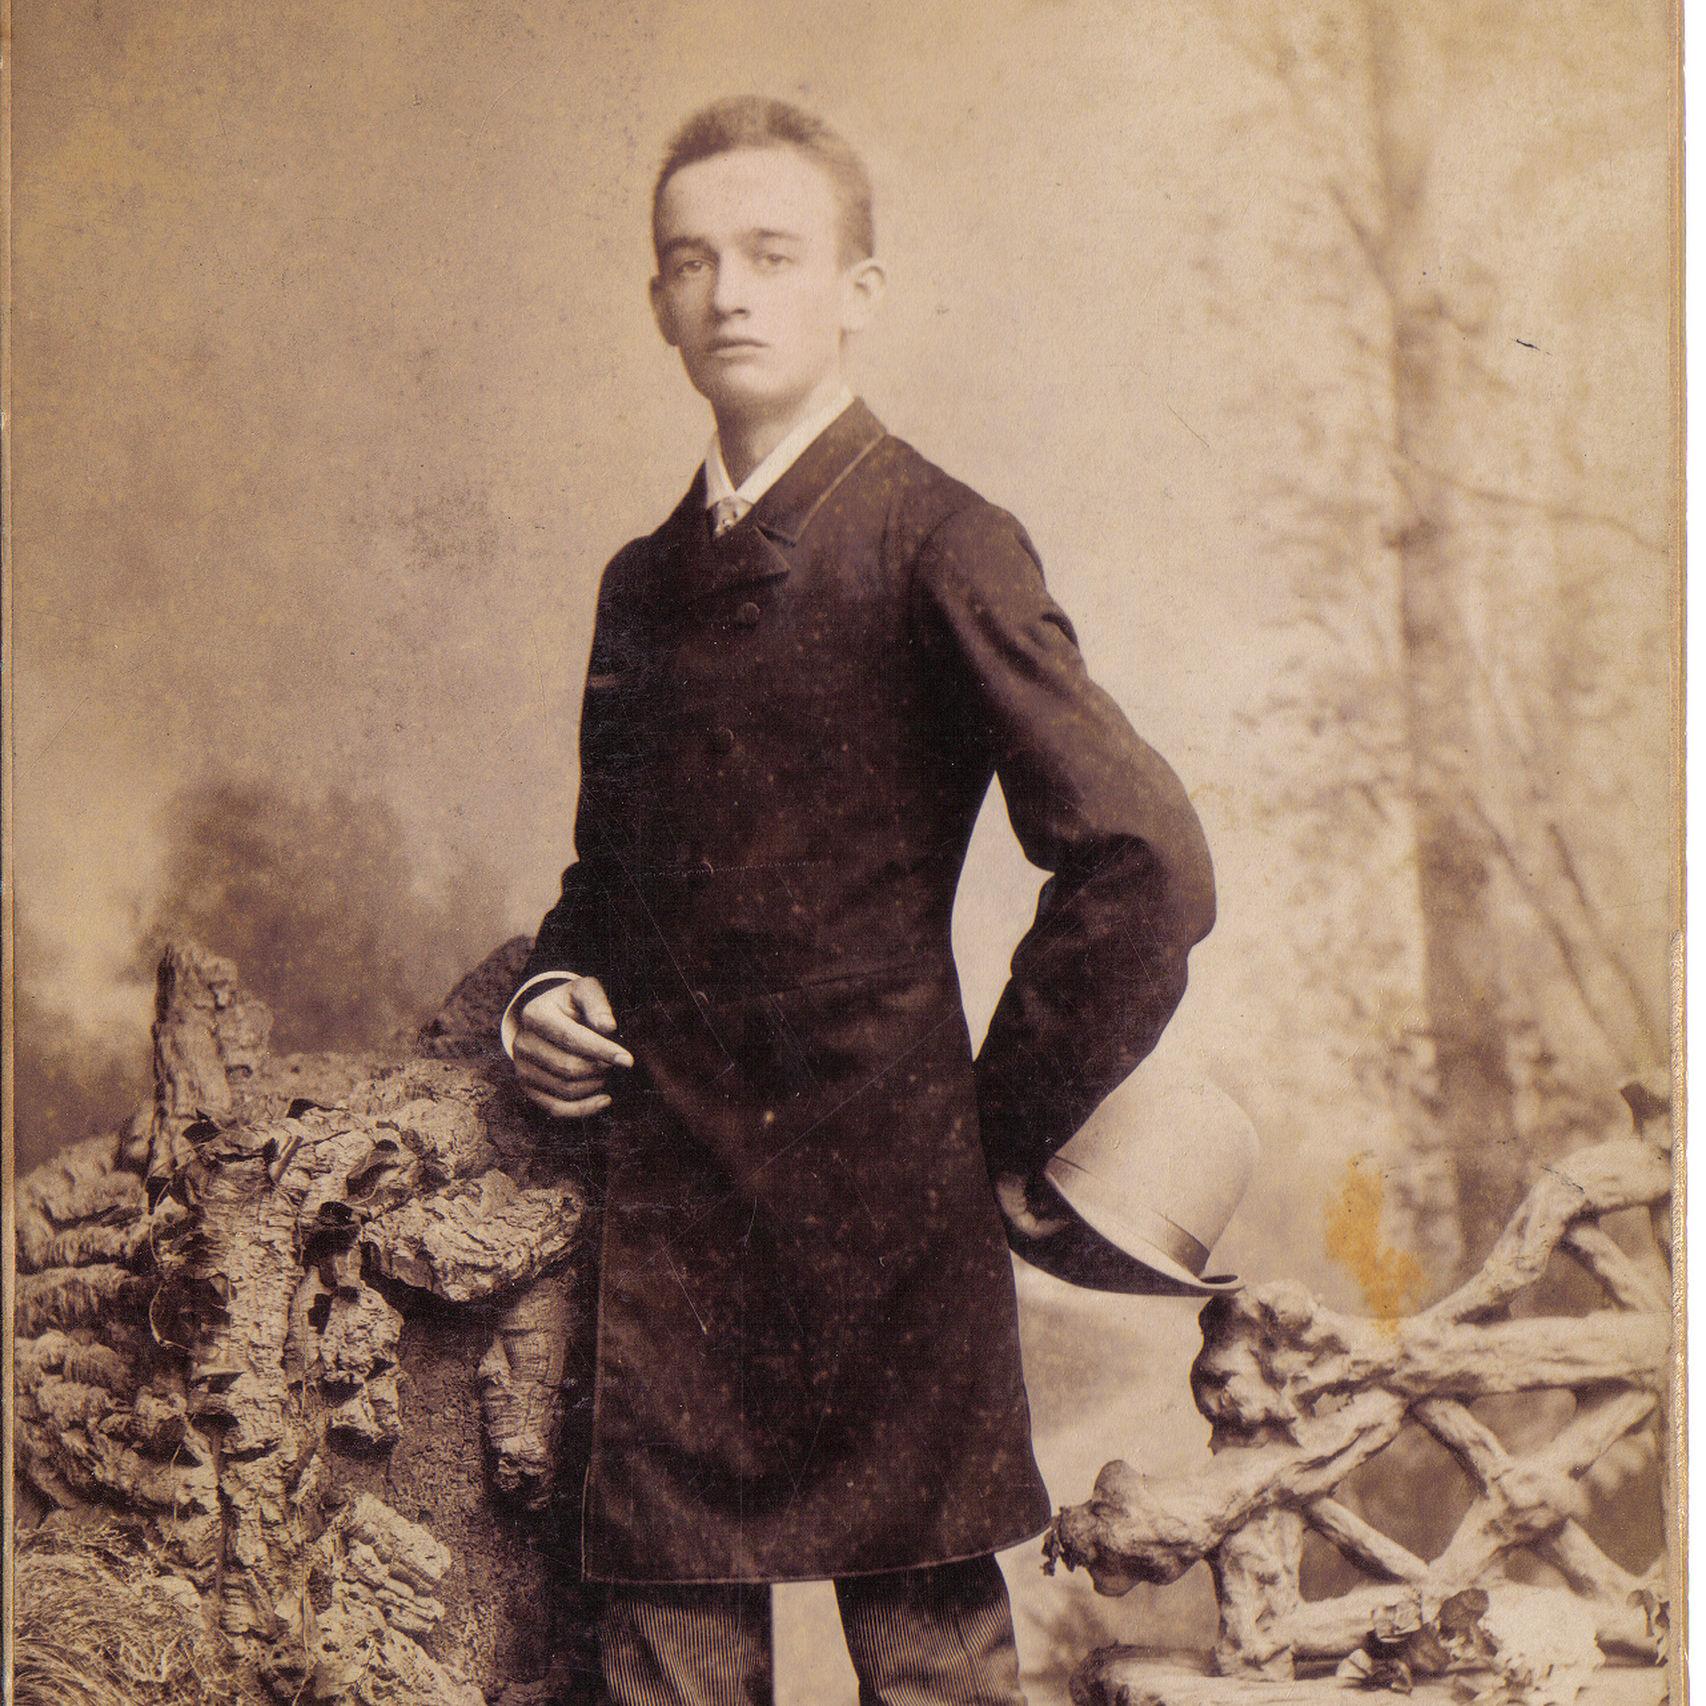 El abuelo paterno de Donald Trump, Frederick, en una imagen de 1887.